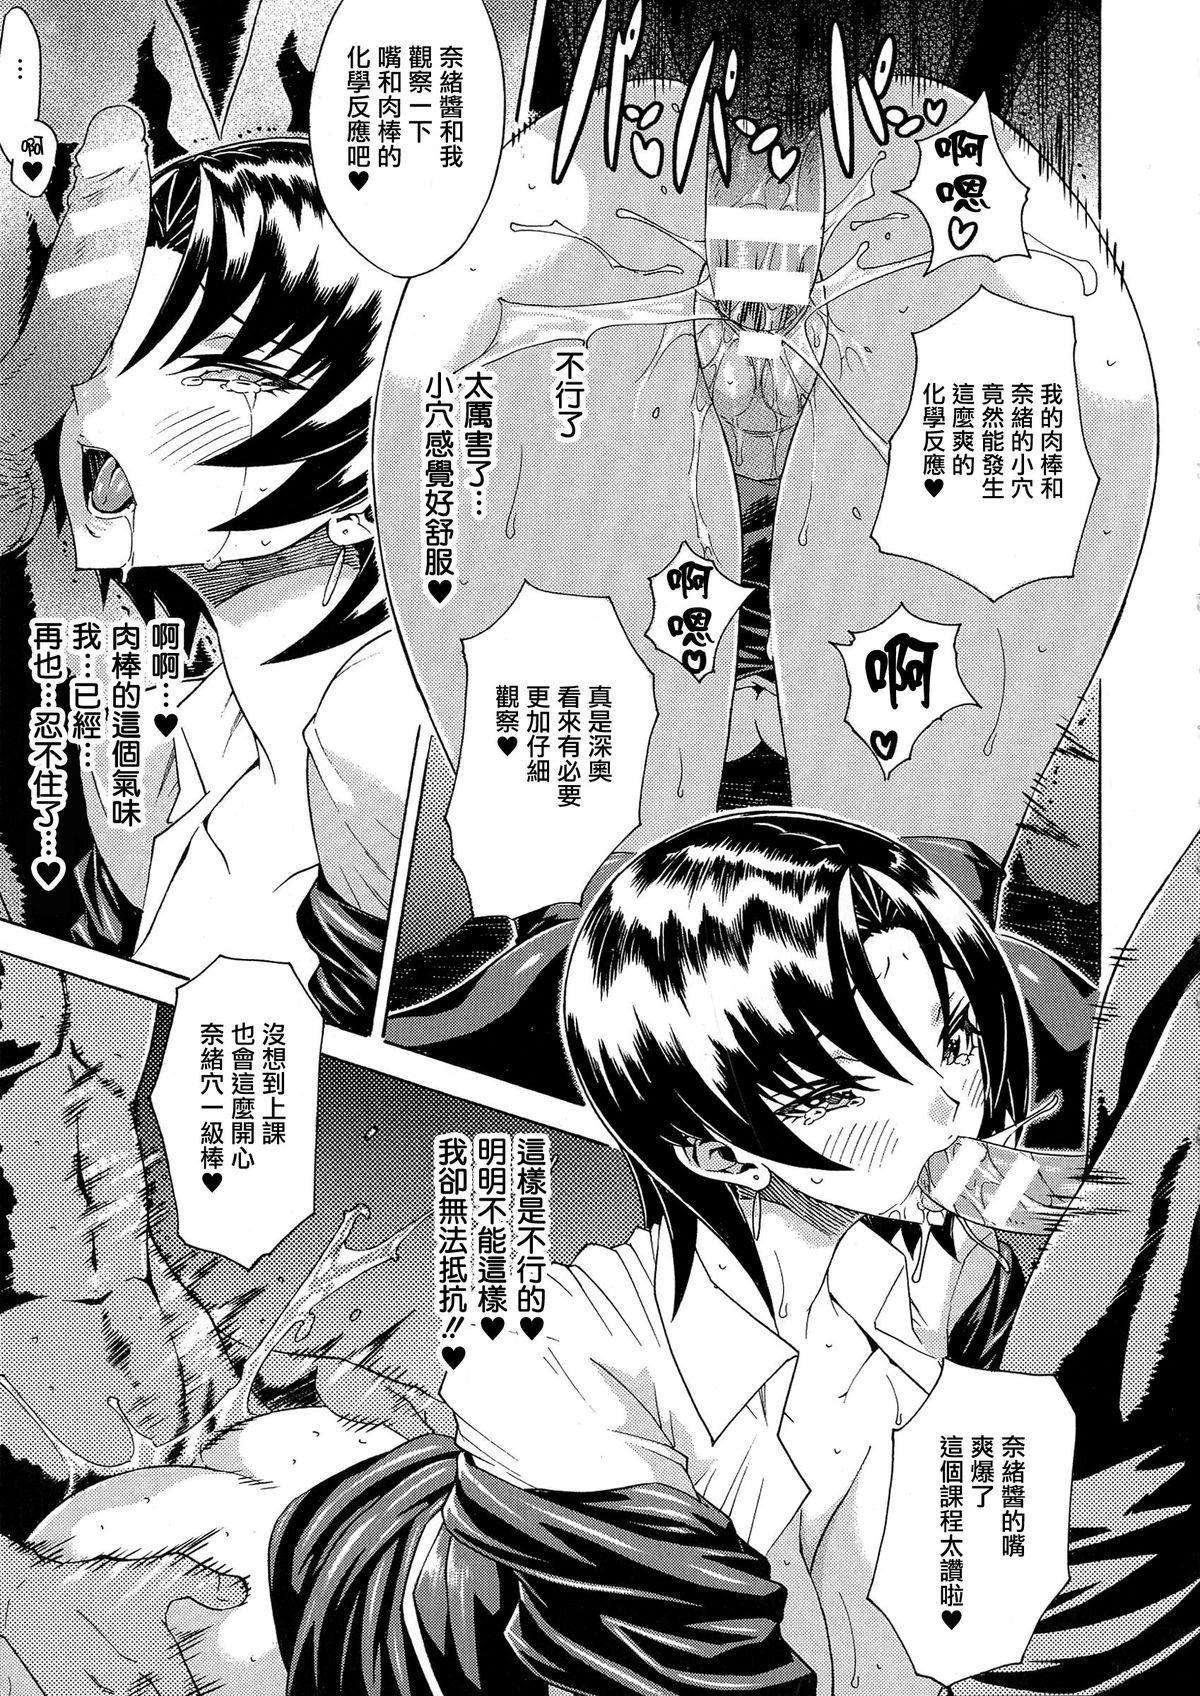 Kachiki na Onna ga Buzama na Ahegao o Sarasu Made 119